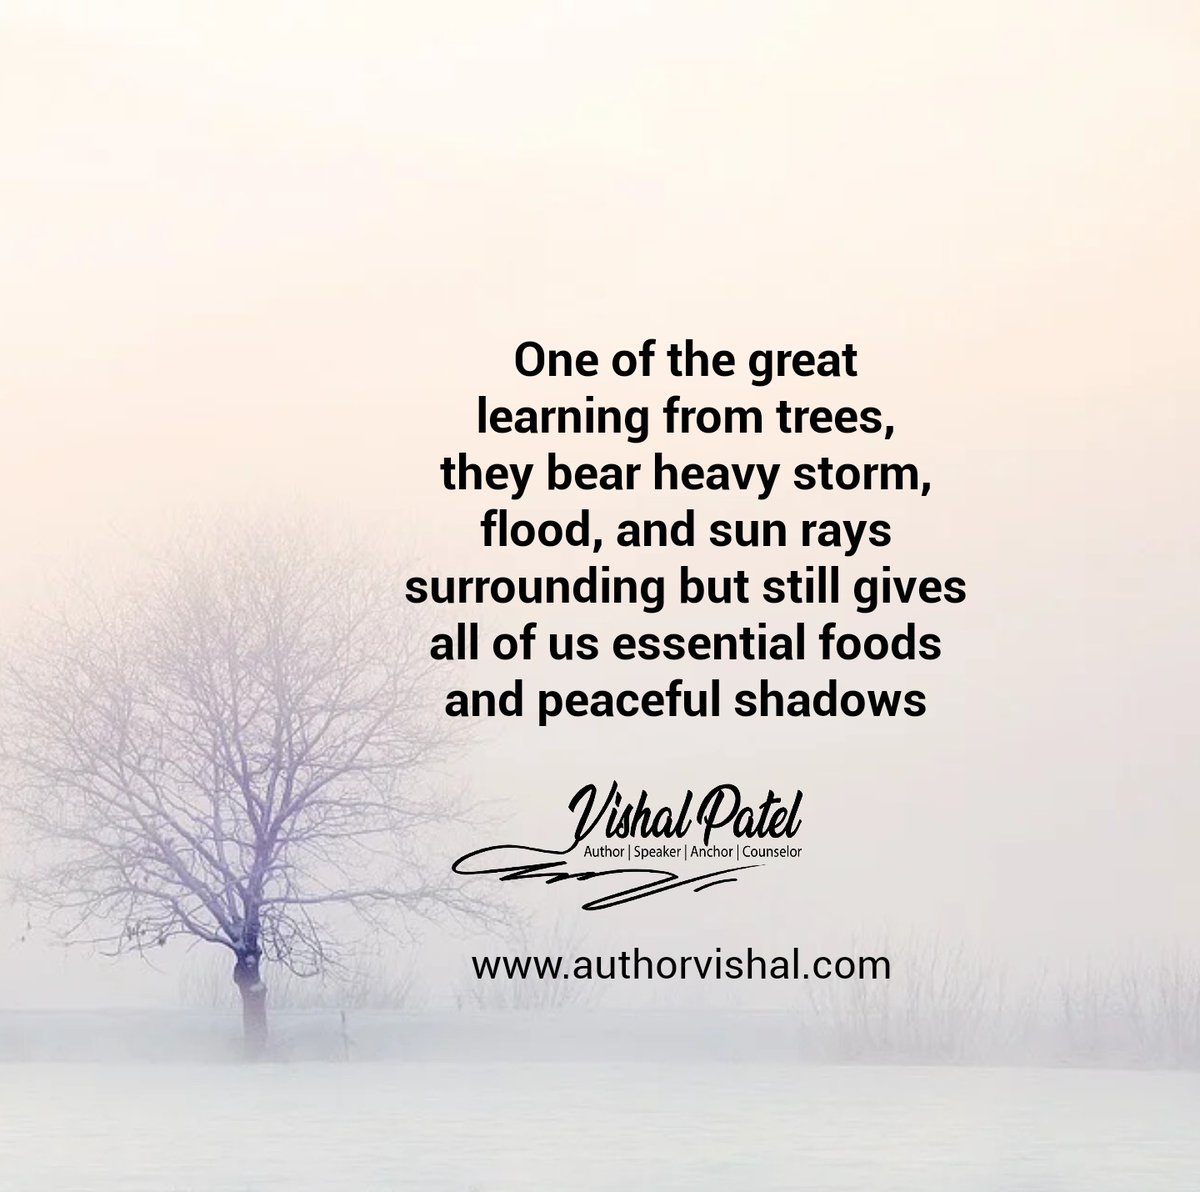 #authorvishalpatel  #MotivationalQuotes #Motivation #motivational #inspirational #Inspire #inspiration #indianwriters #writerscommunity #writers #writerslife #writersofinstagram #writersofig #indianwriters #writerscommunity #learning #trees #bear #heavy #storm #flood #sunrayspic.twitter.com/qJ4oWlrud3